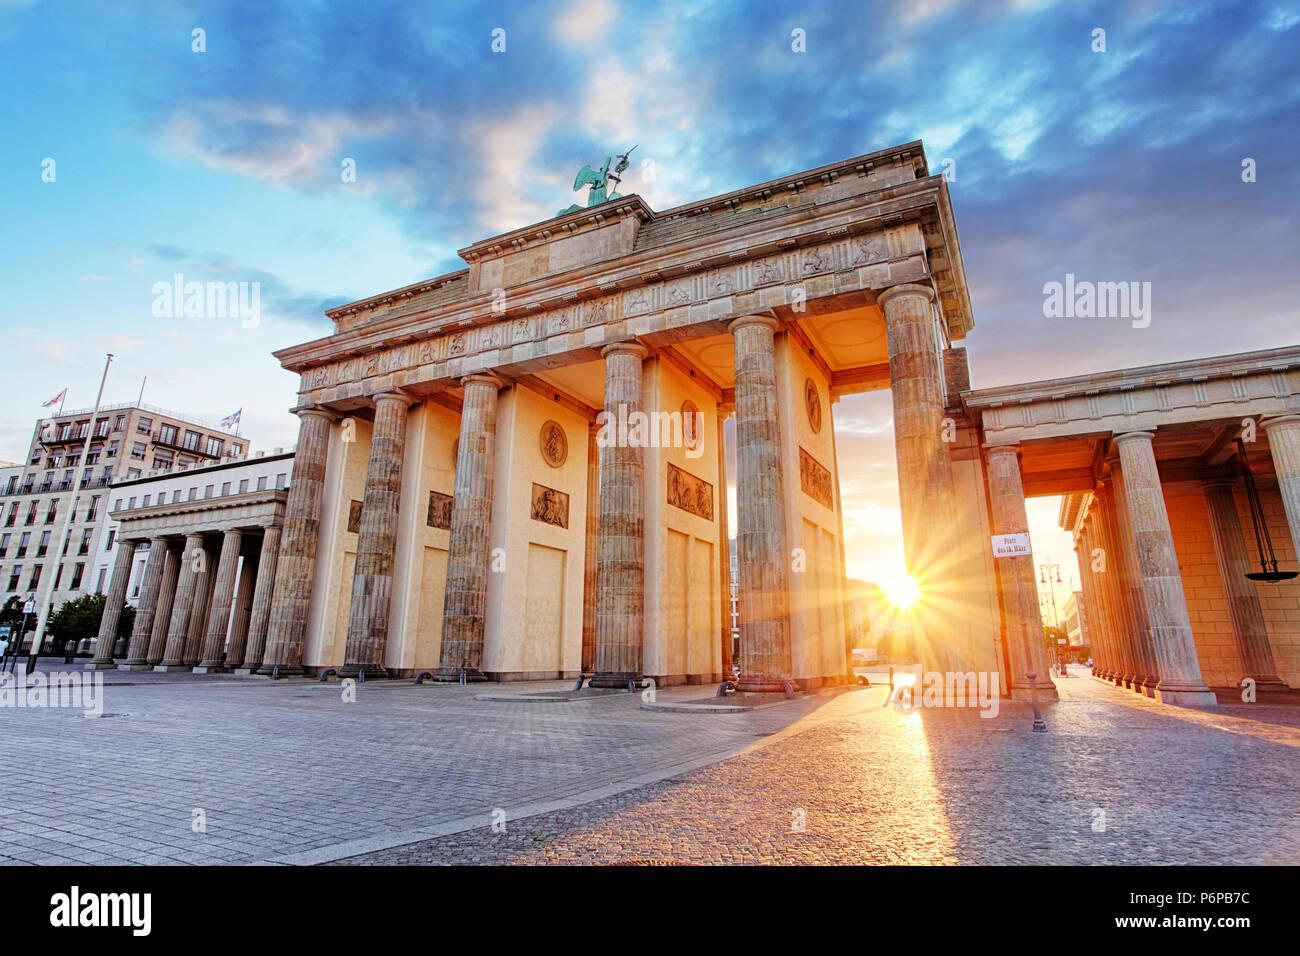 Berlín, la puerta de Brandemburgo, Alemania Imagen De Stock